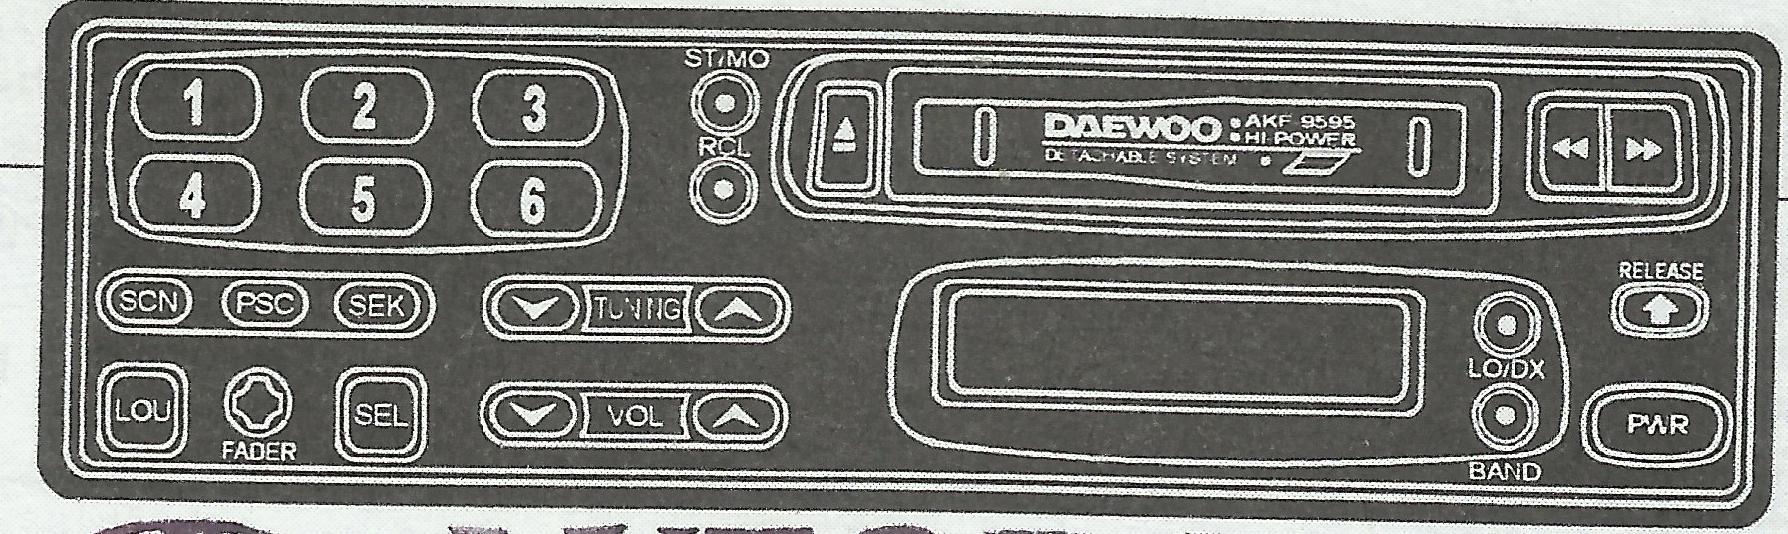 [Kupi�] Kupi� radio samochodowe w przyst�pnej cenie